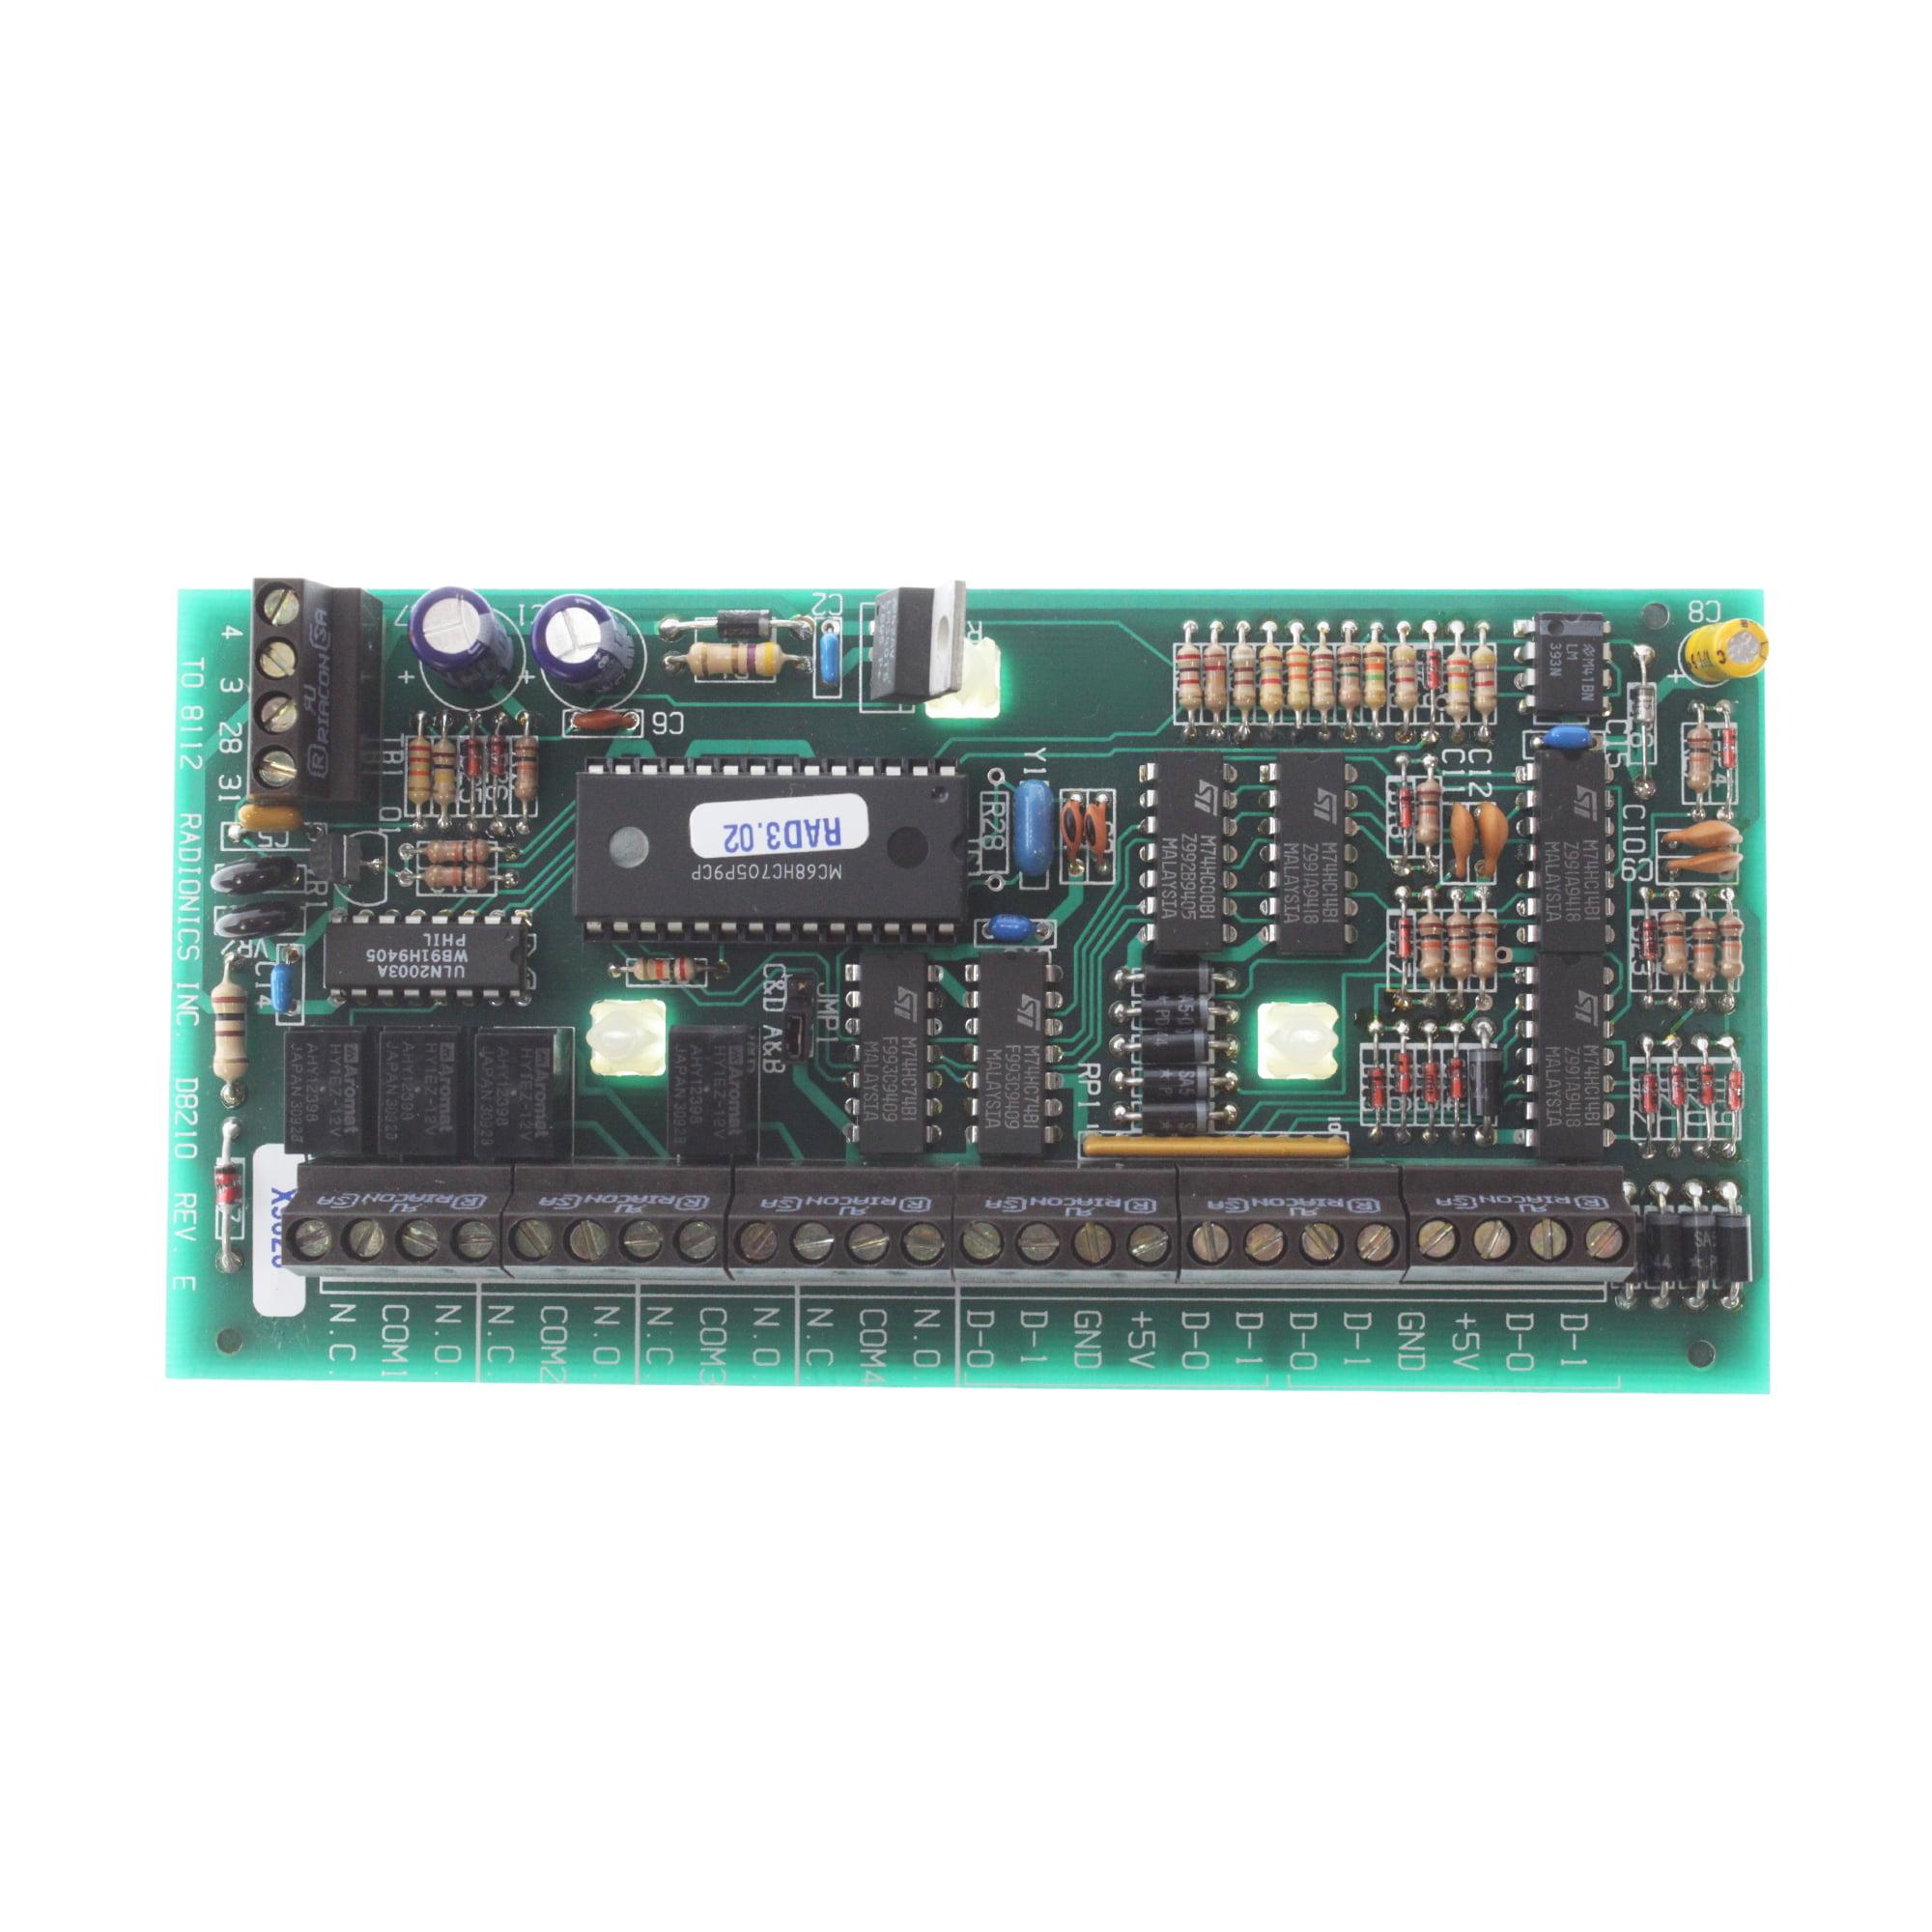 Radionics D8210 Weigand Card Reader Interface Module